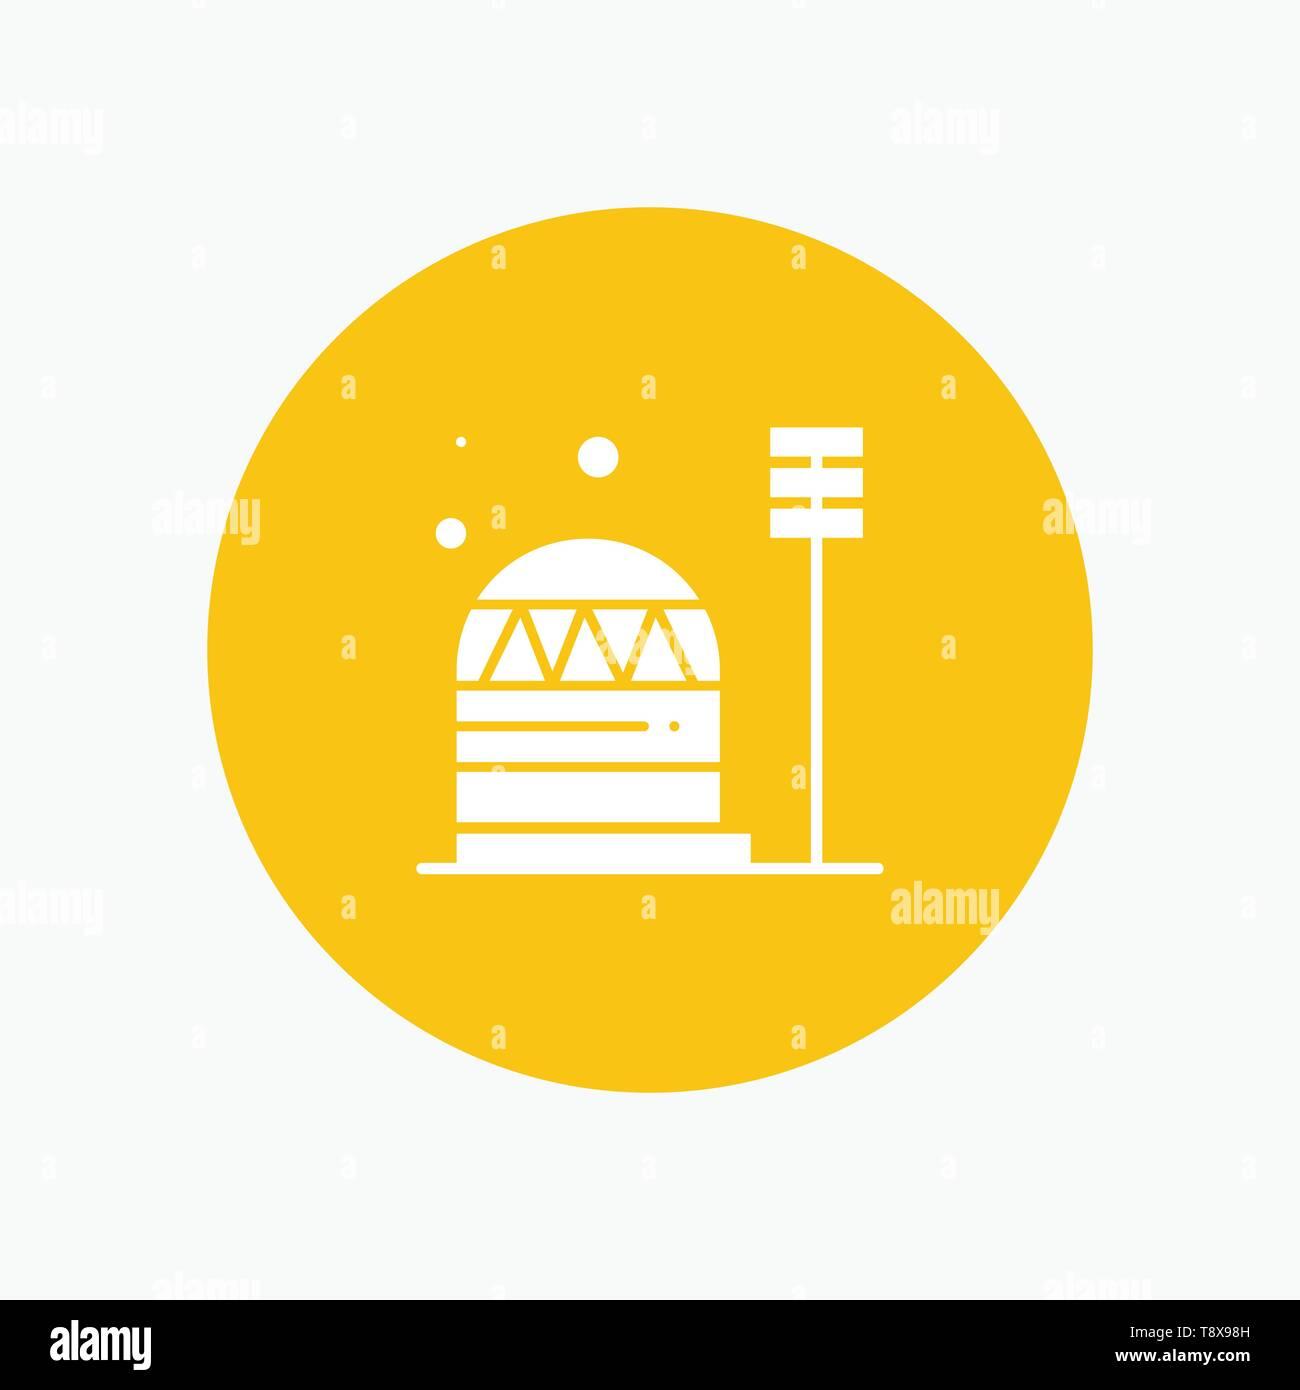 Base, Colony, Construction, Dome, Habitation - Stock Vector